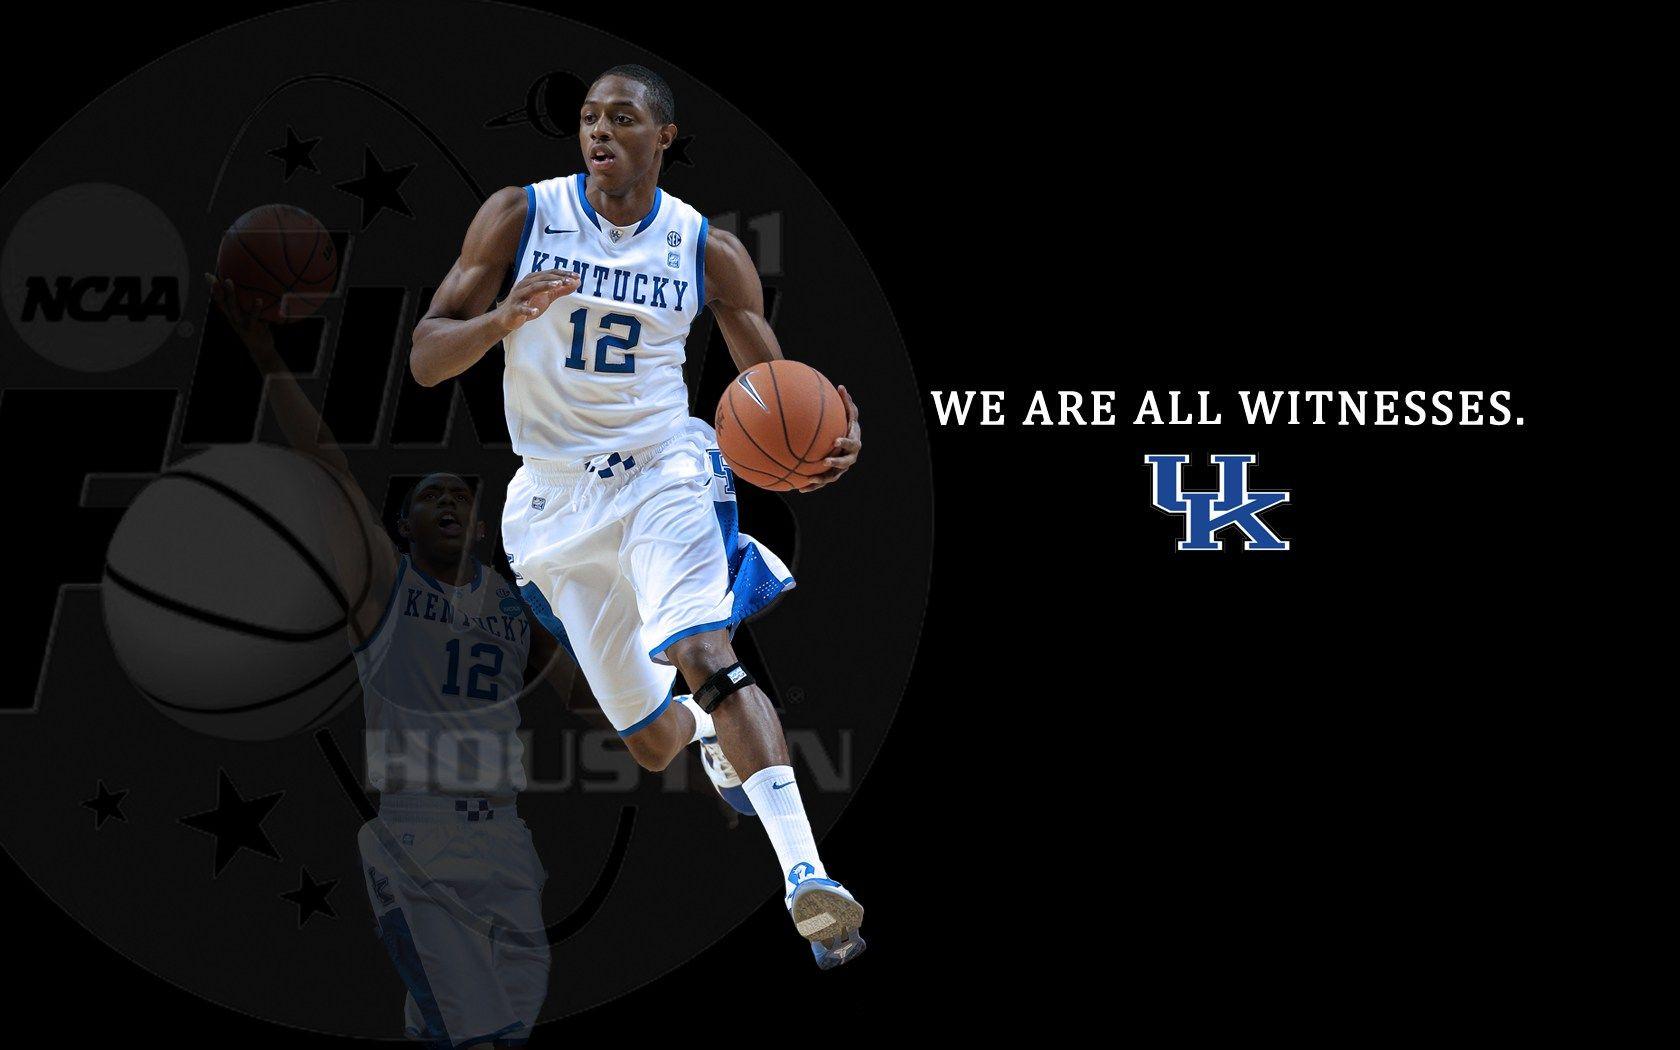 V Kentucky Basketball Iphone Wallpaper 1680x1050